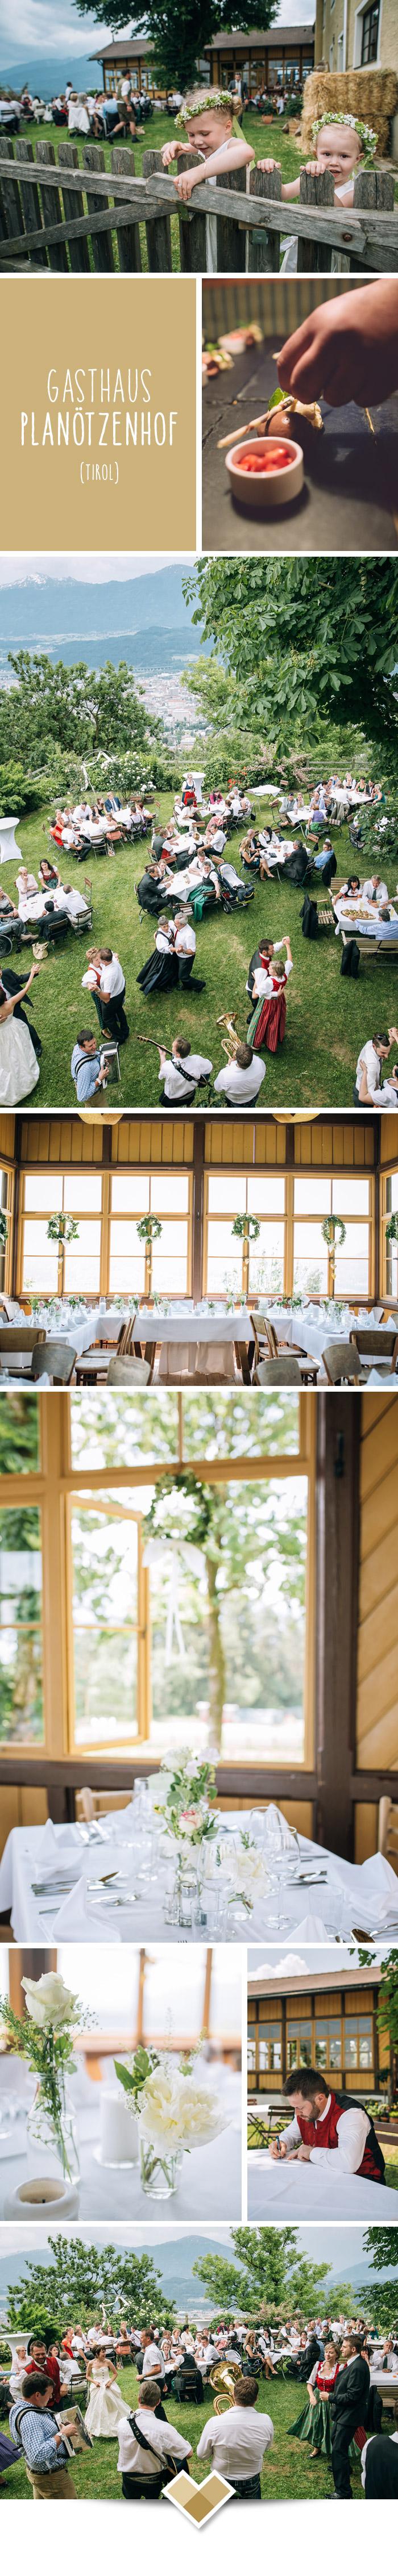 Über der Stadt Innsbruck gelegen befindet sich das Gasthaus Planötzenhof. Diese Hochzeits-Location liegt eingebettet im wundervollen Panorama der Tiroler Alpen. Mehr Fotos dieser Locations gibt es auf http://hochzeits-location.info/hochzeitslocation/gasthaus-planotzenhof#Fotos Bilder: http://www.hochzeitsfotograf.tirol/